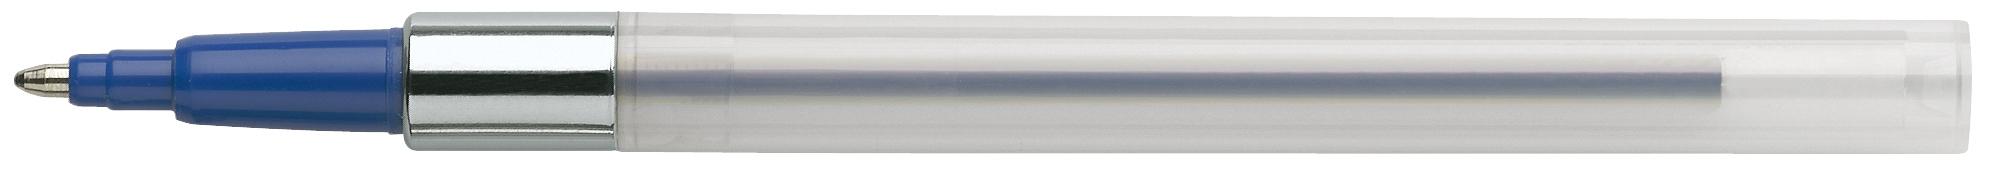 MITSUBISHI-Kugelschreiber-uni-ball-POWERTANK-SN-220-1-0mm-Farben-waehlbar